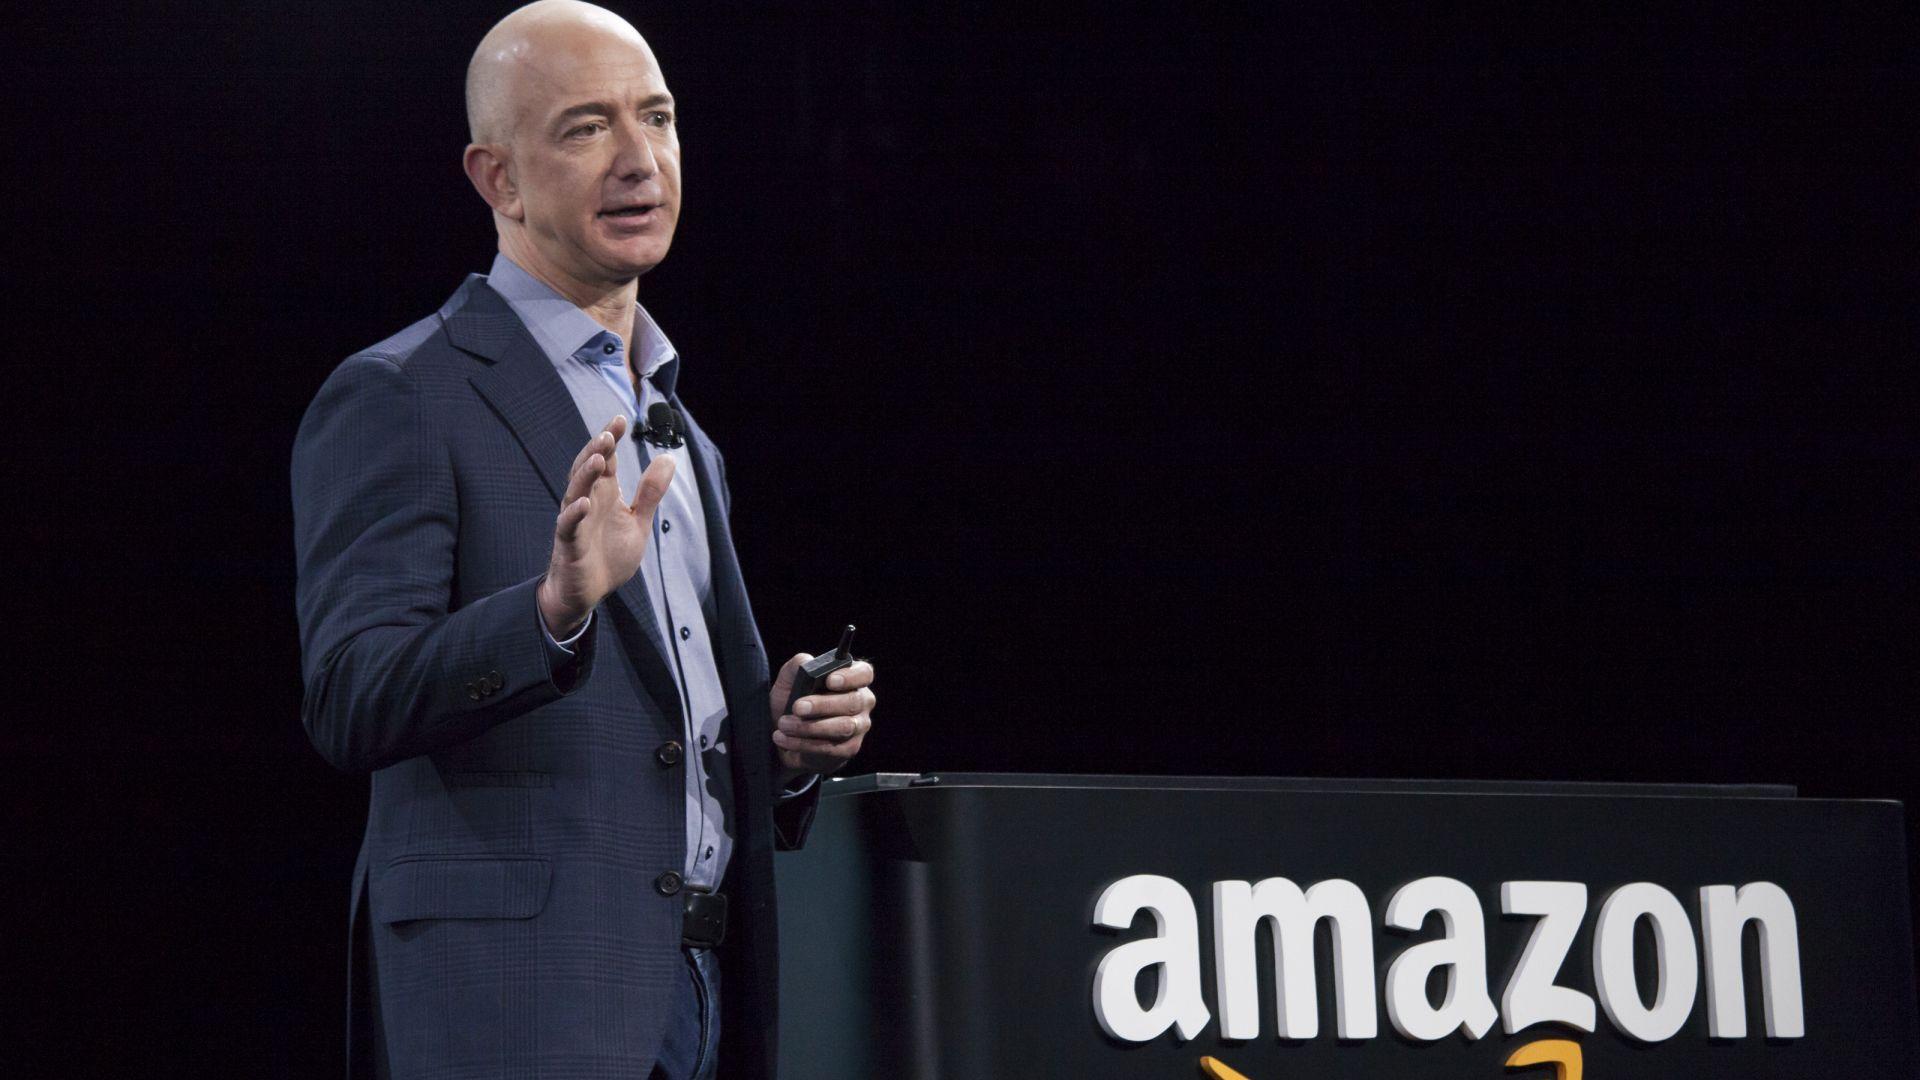 Въпрос за милиарди: Какво се случва с акциите на Amazon след развода на Безос